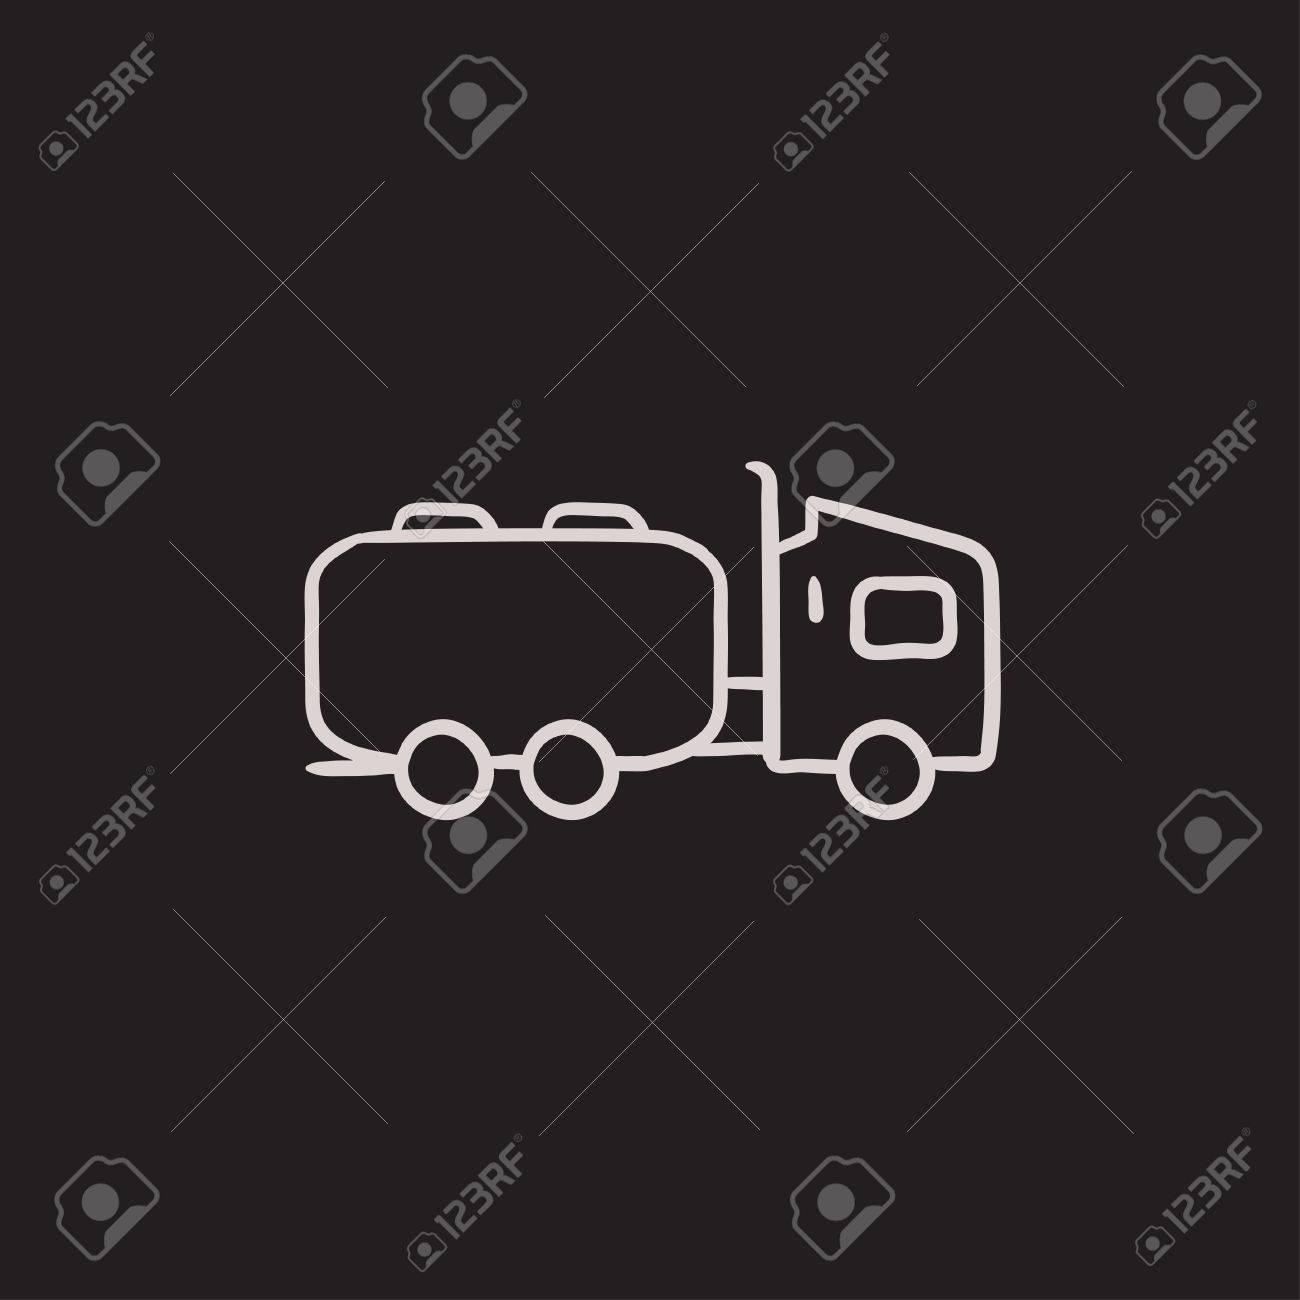 LKW Flüssige Ladung Vektor Skizze Symbol Auf Hintergrund Isoliert ...